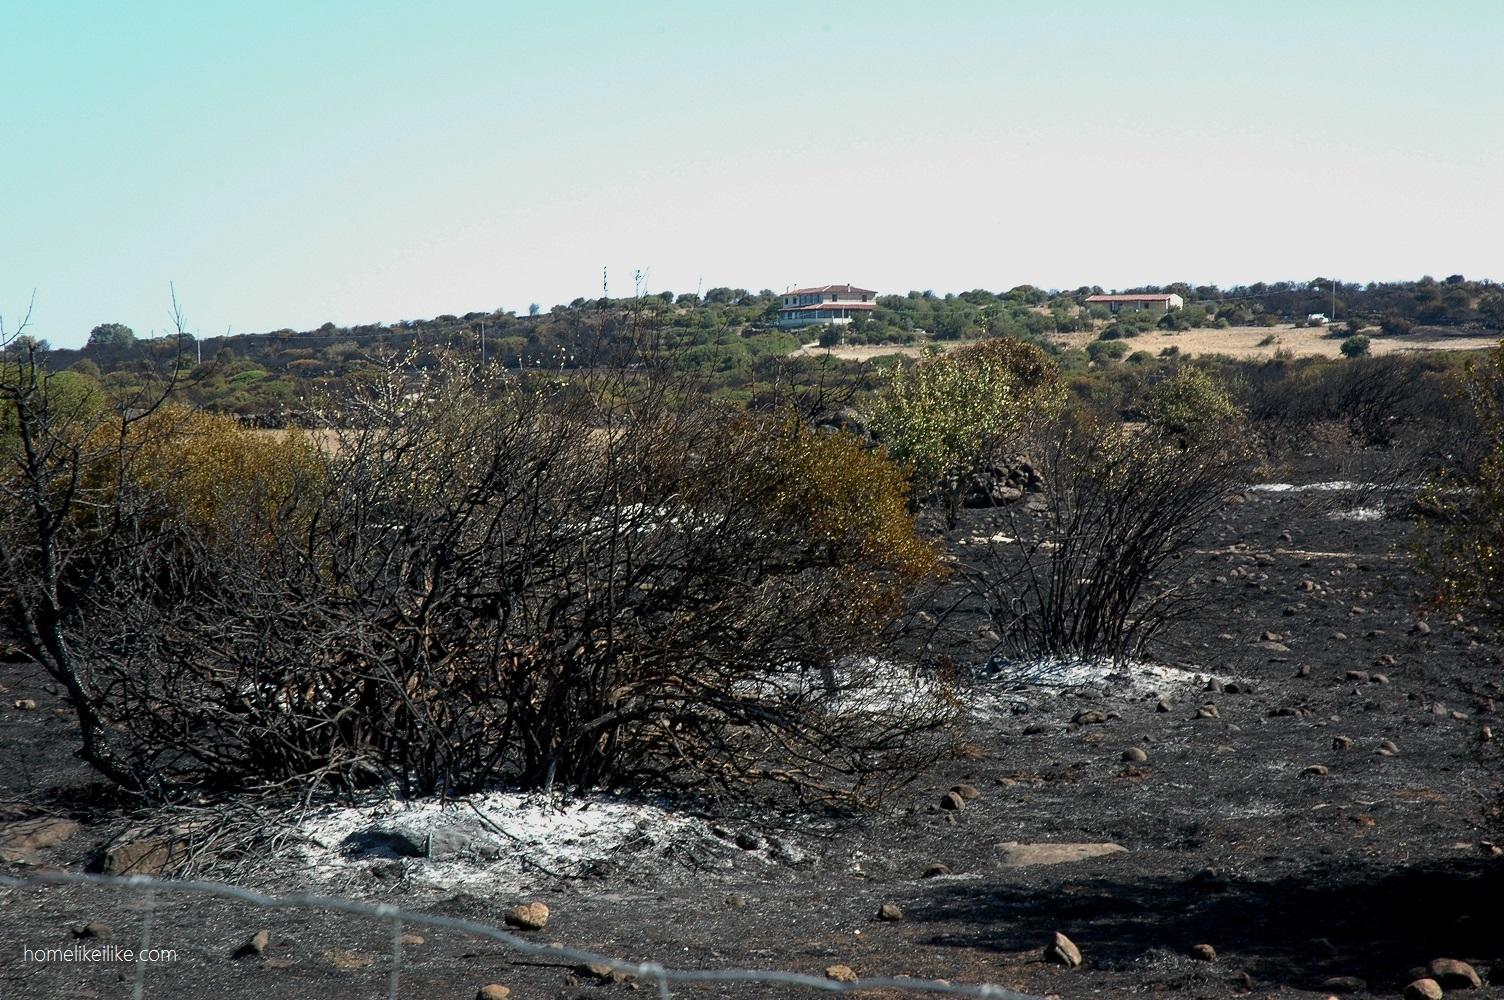 pożar na sardynii - homelikeilike.com